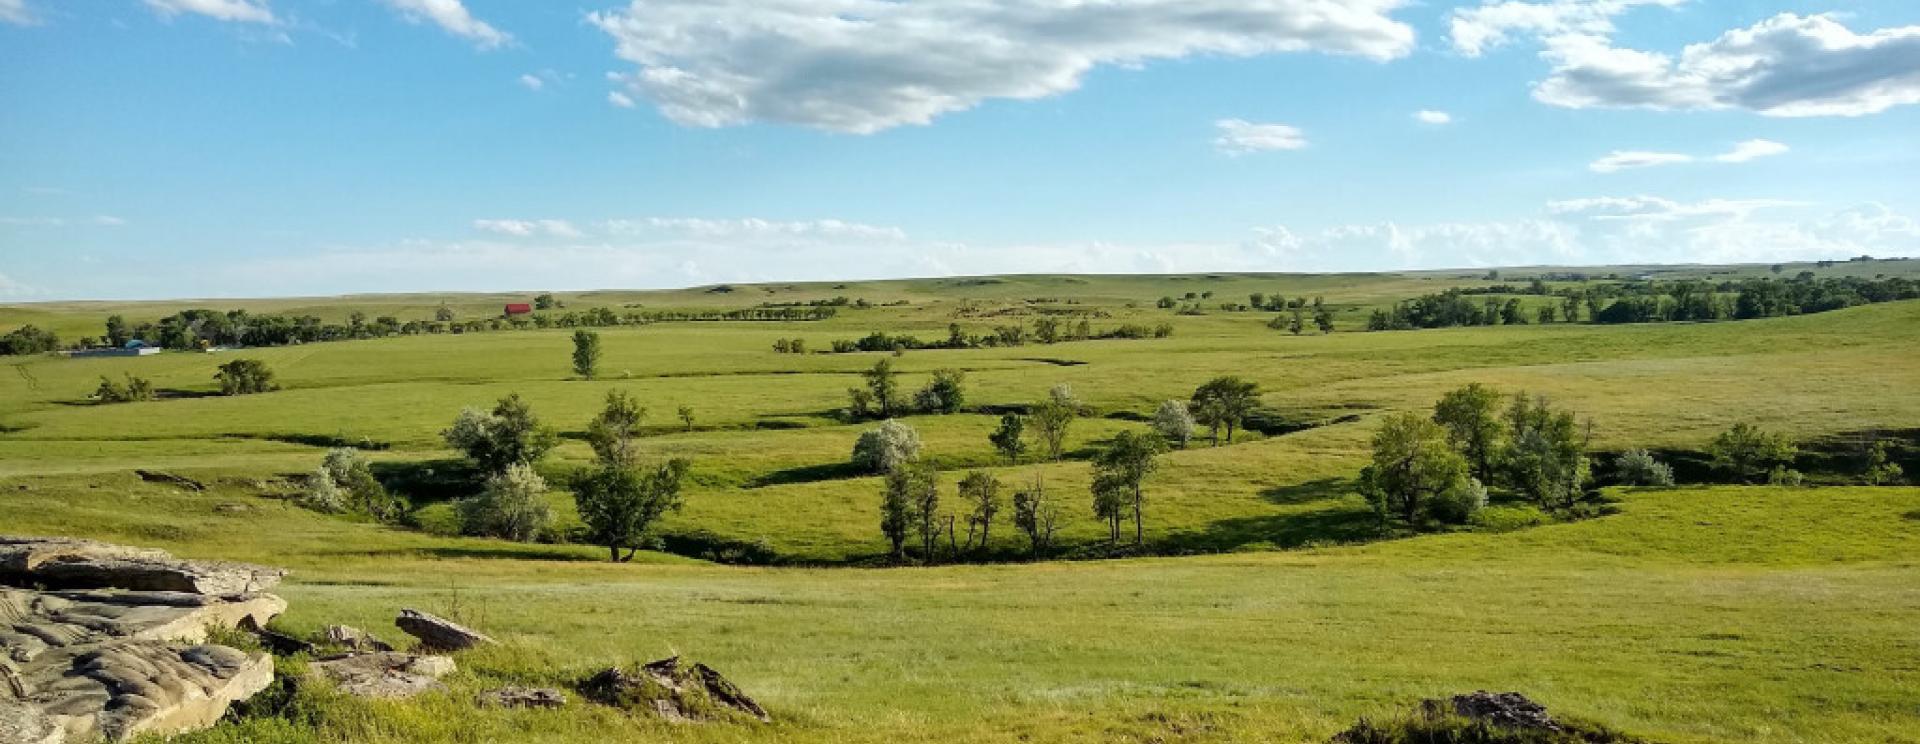 Dennis Ranch